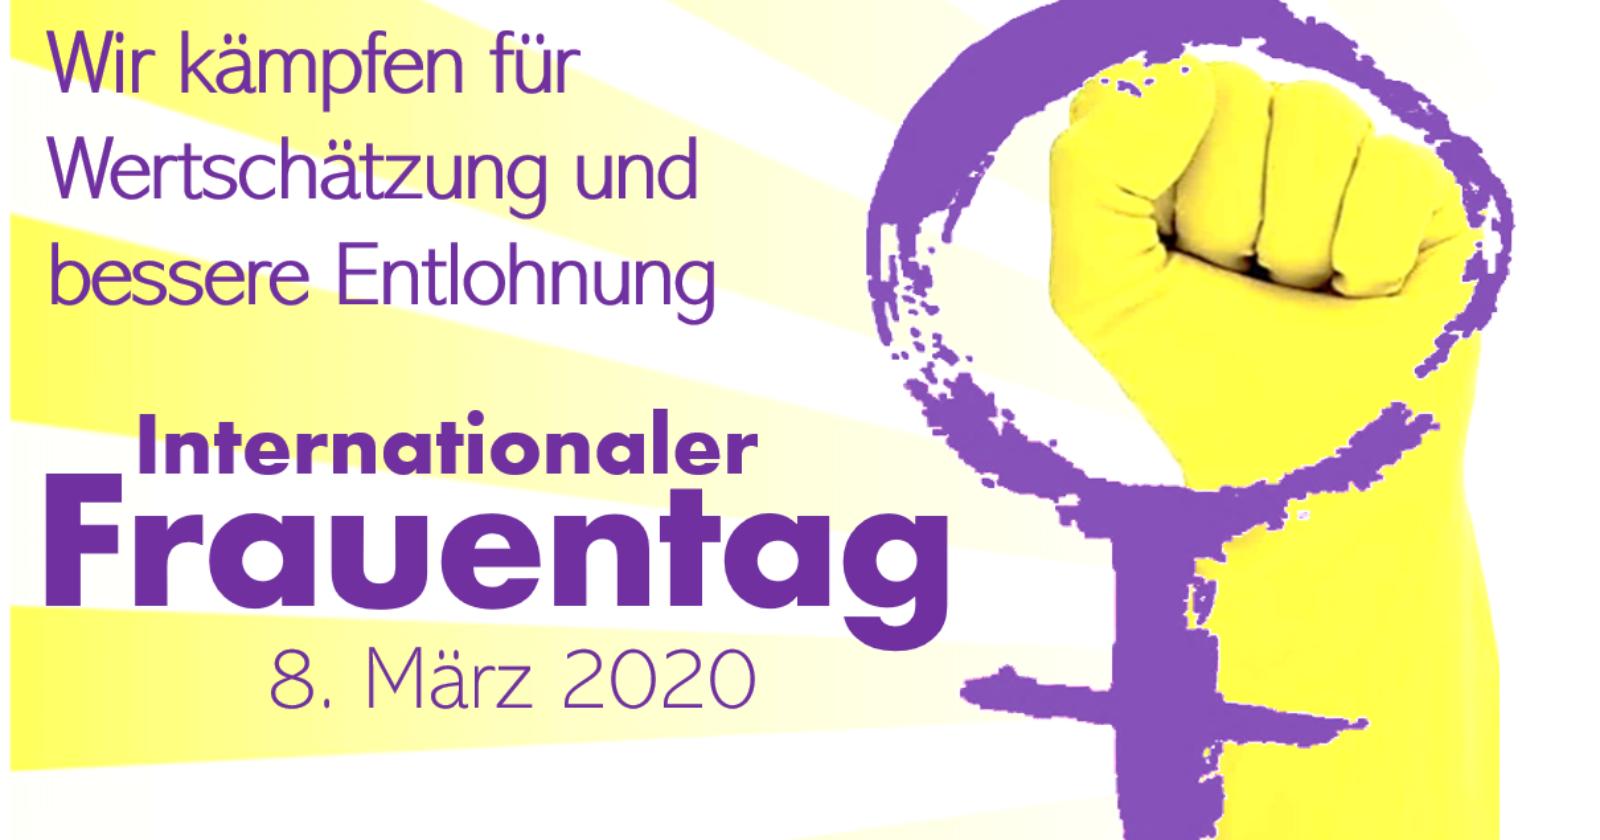 Internationaler Frauentag 2020 - Tarifverträge stärken Rechte von Frauen im Job